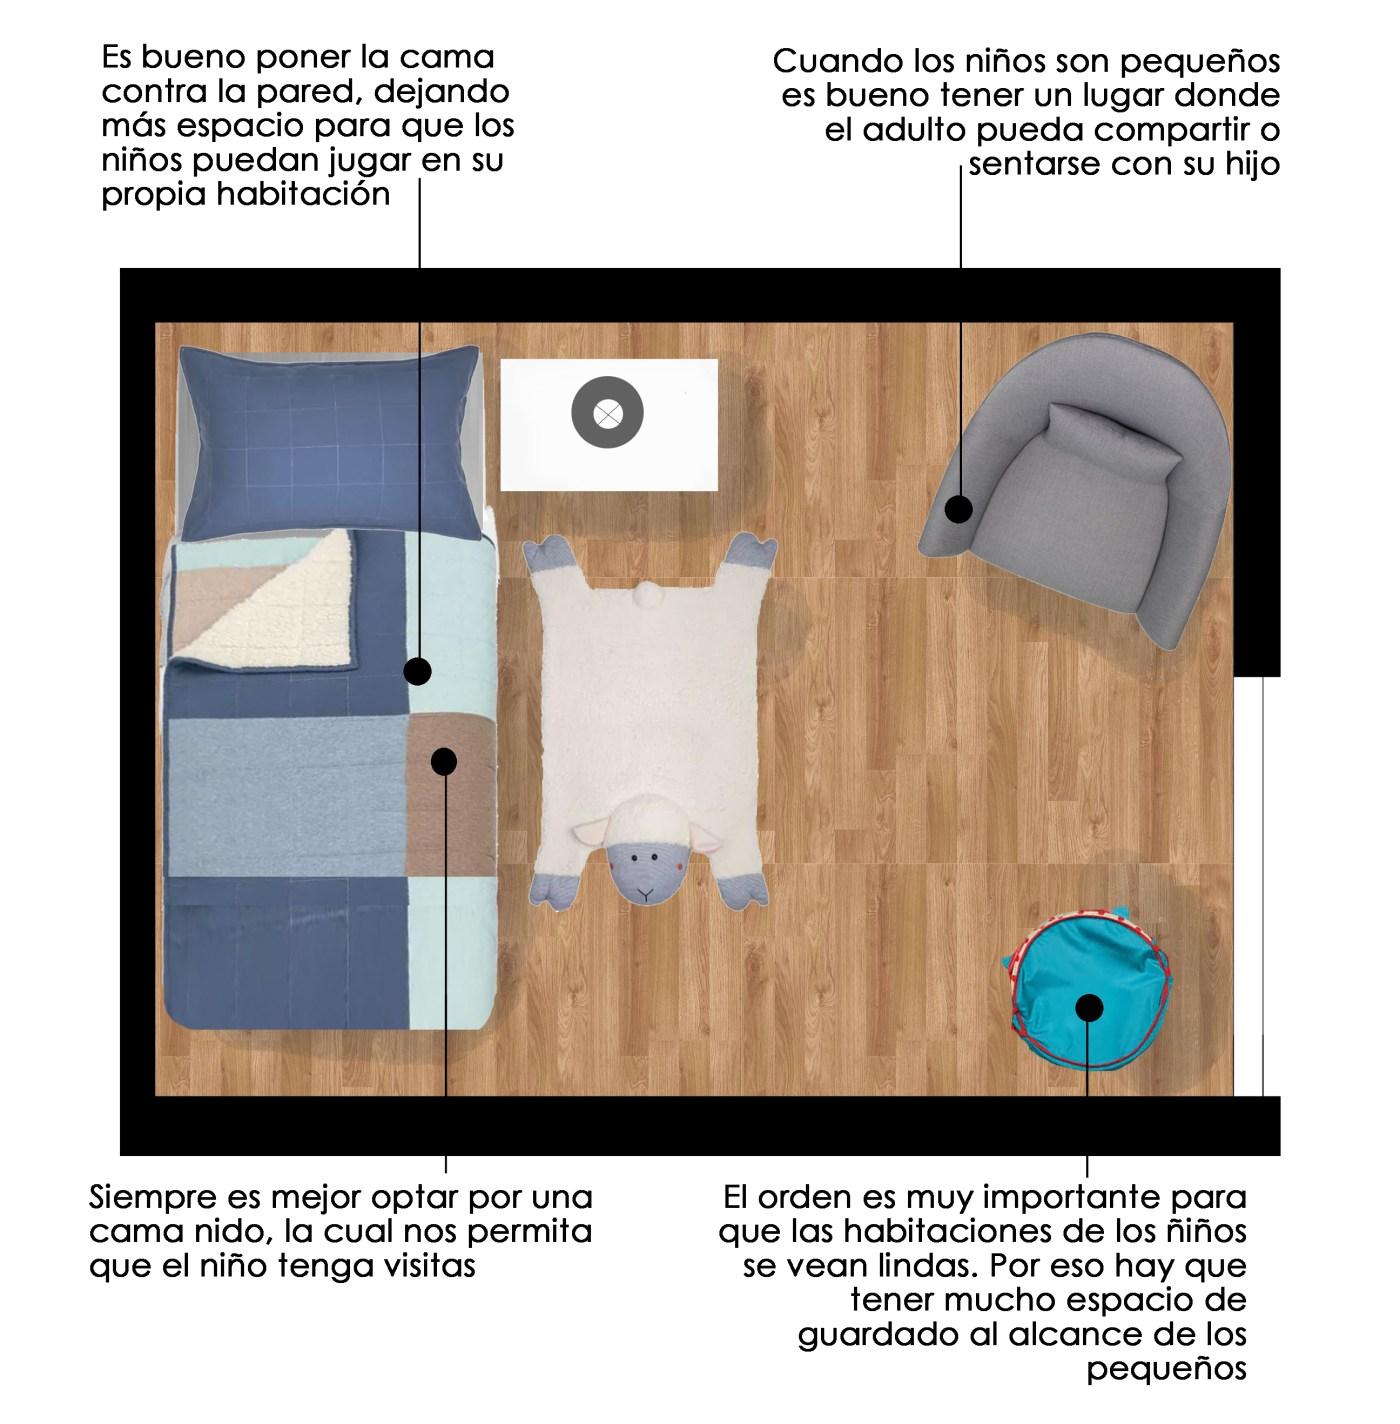 dormitorio con indicaciones.jpg